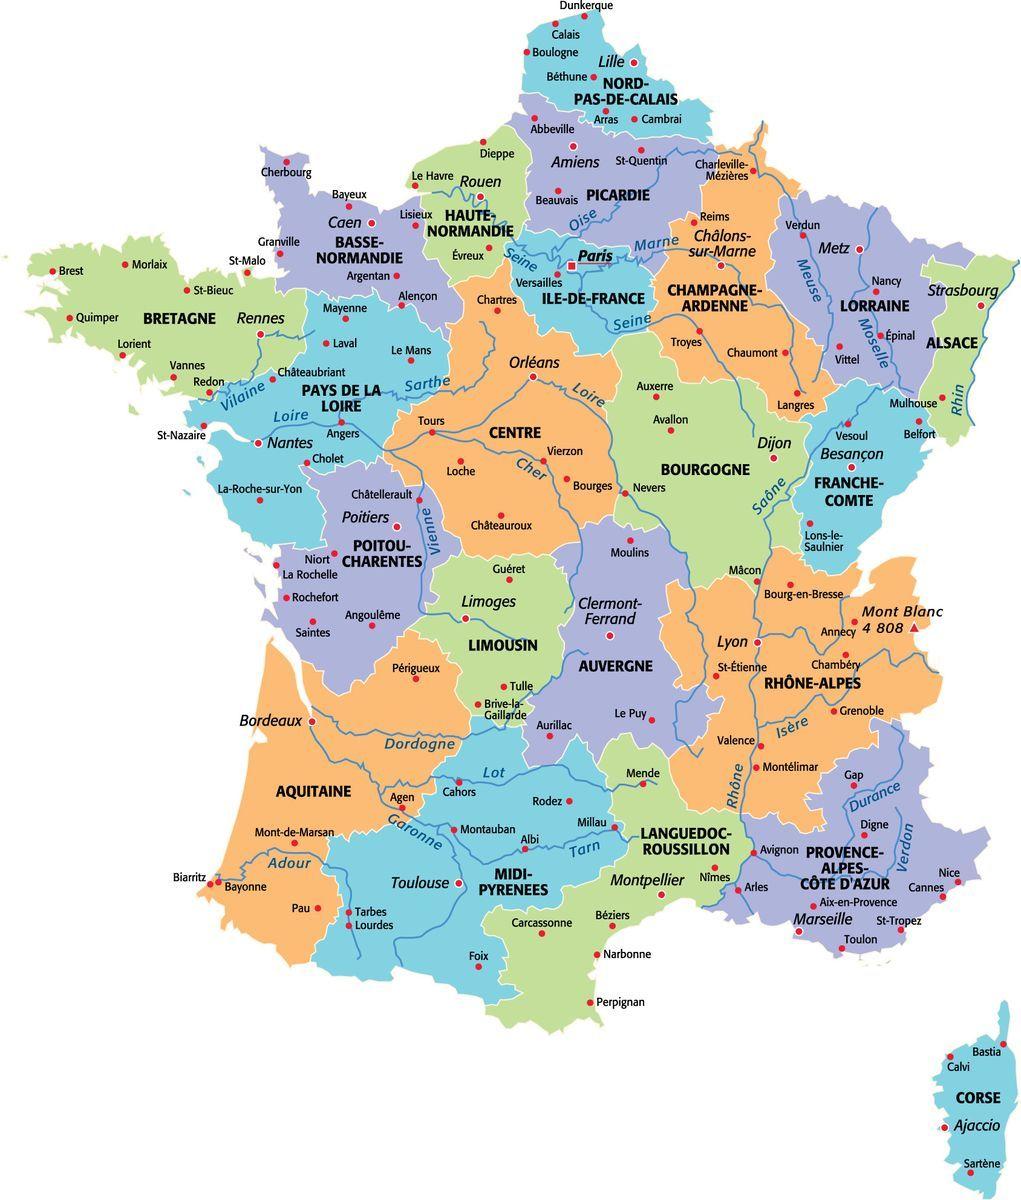 Épinglé par Olivier Fournier sur France Carte de france